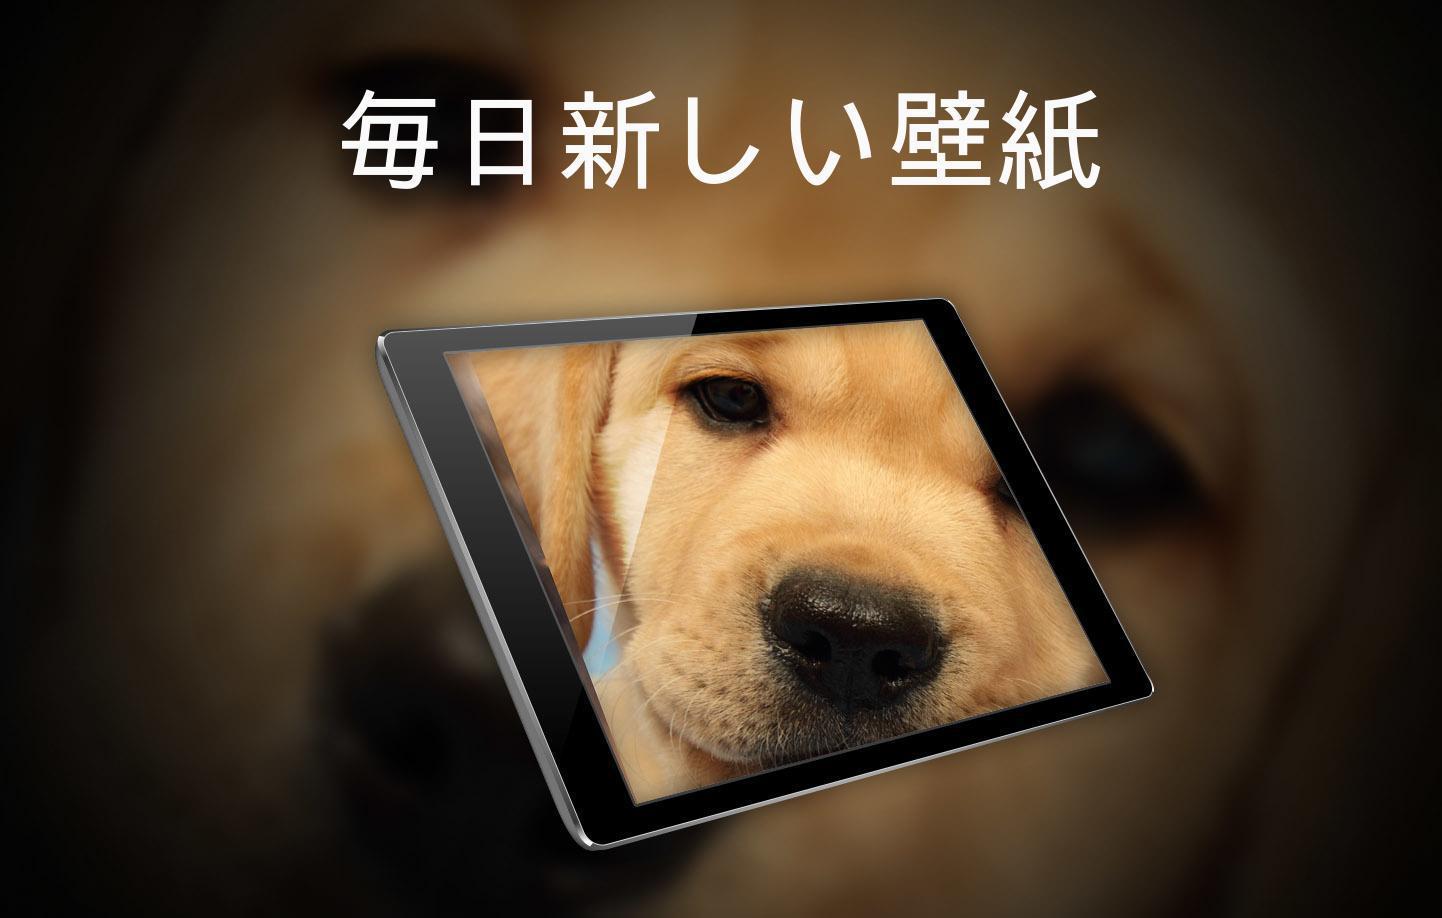 Android 用の かわいい動物の壁紙 Apk をダウンロード